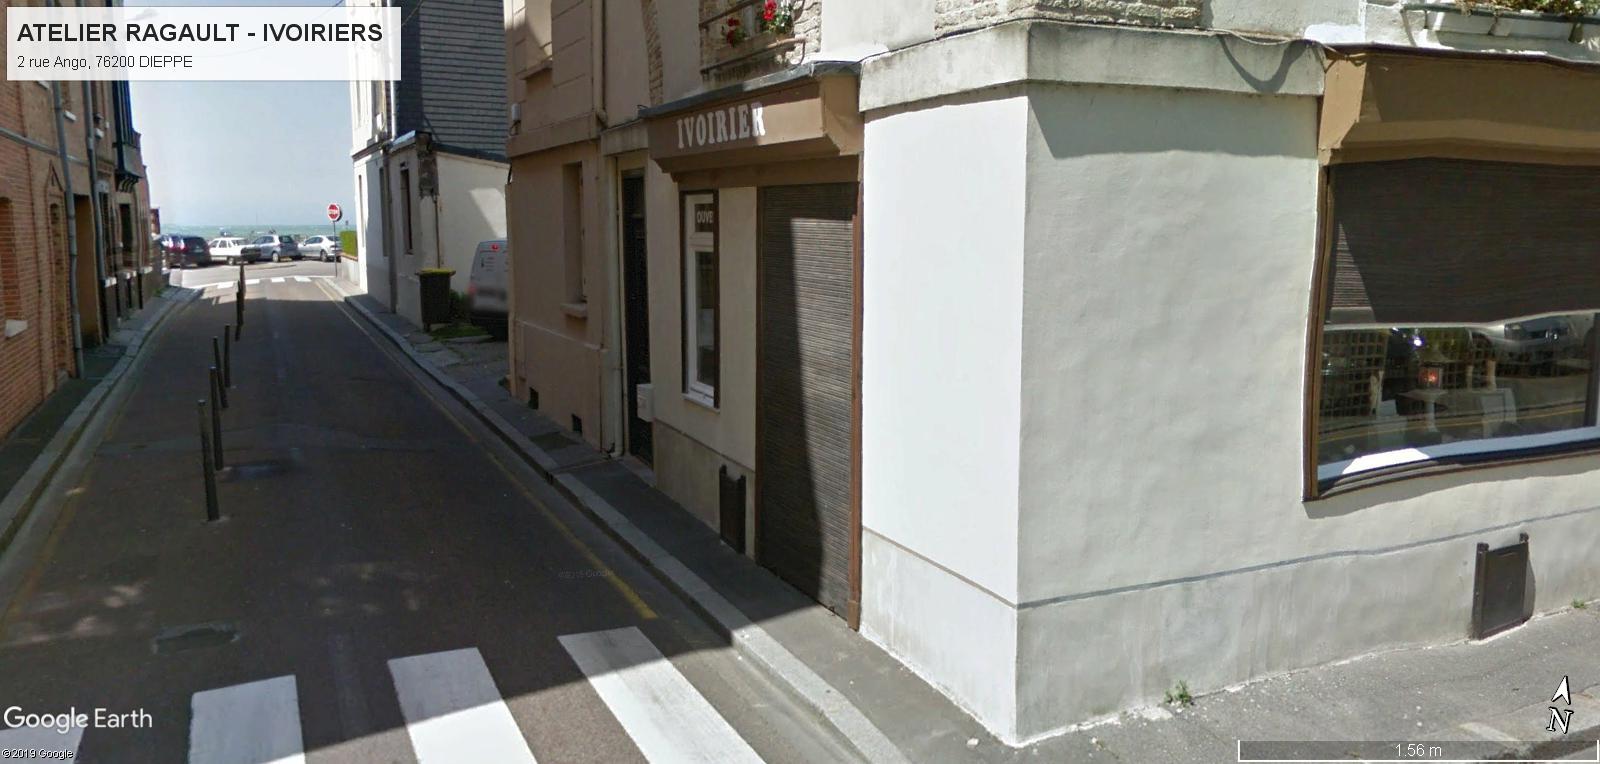 TOUR DE FRANCE VIRTUEL - Page 27 Ragaul13